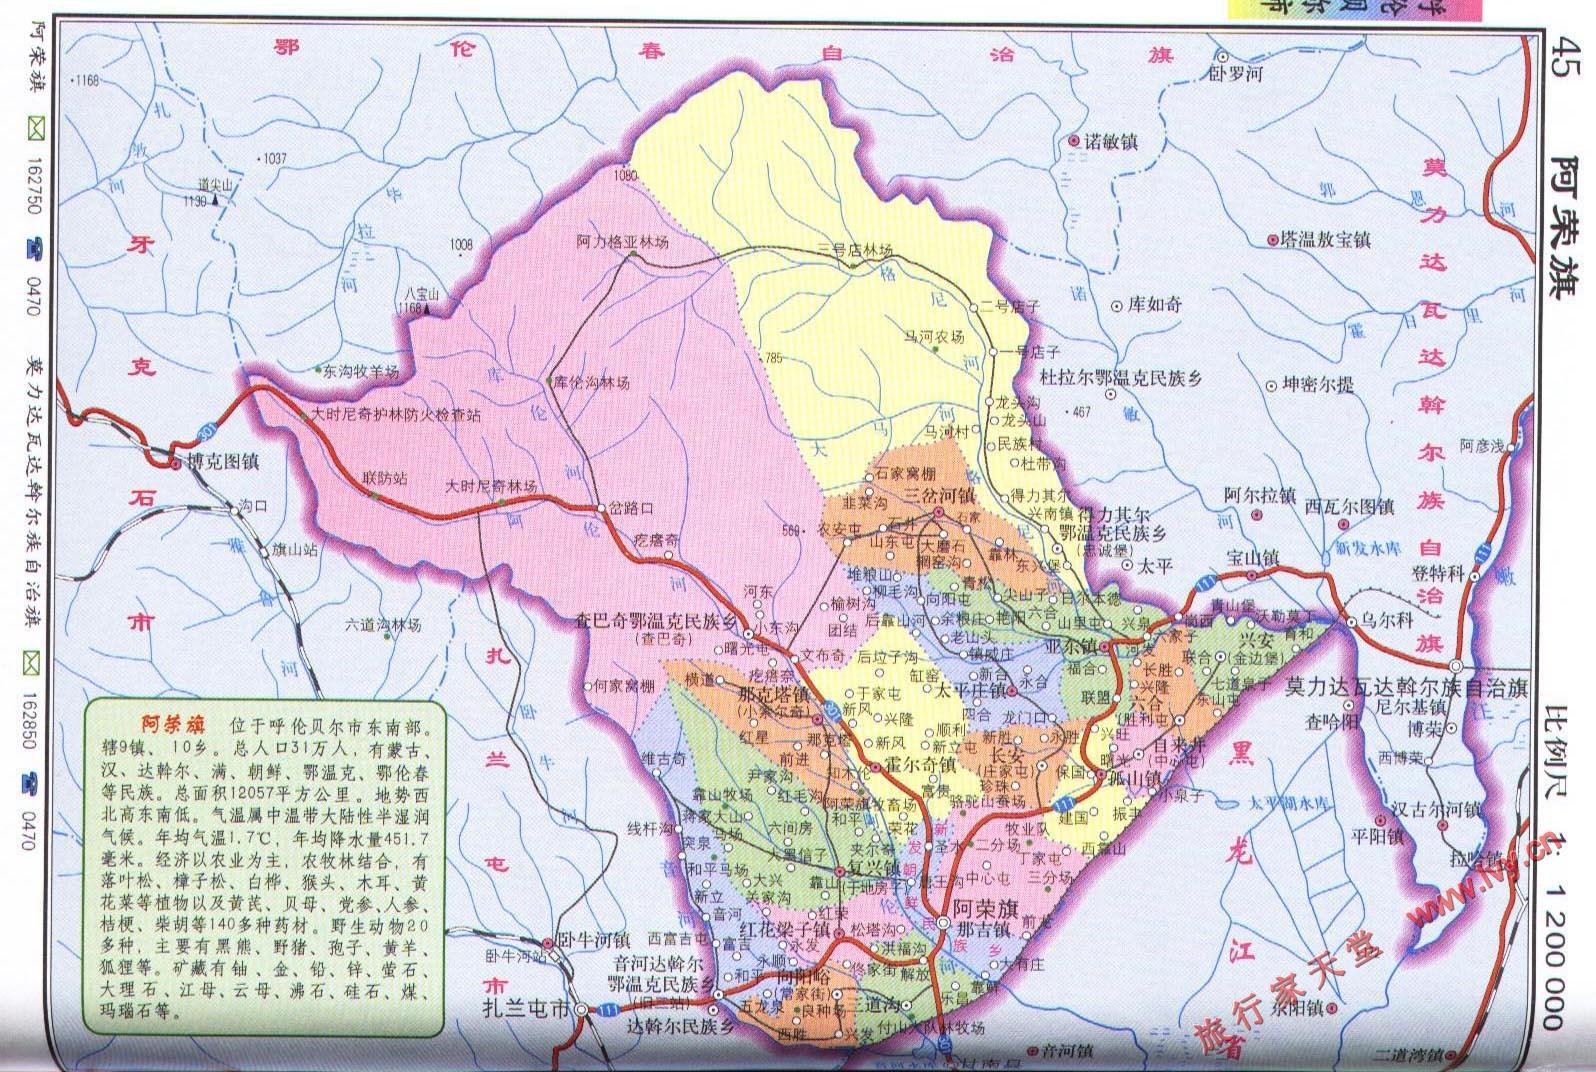 阿荣旗区划交通地图高清版_呼伦贝尔地图库